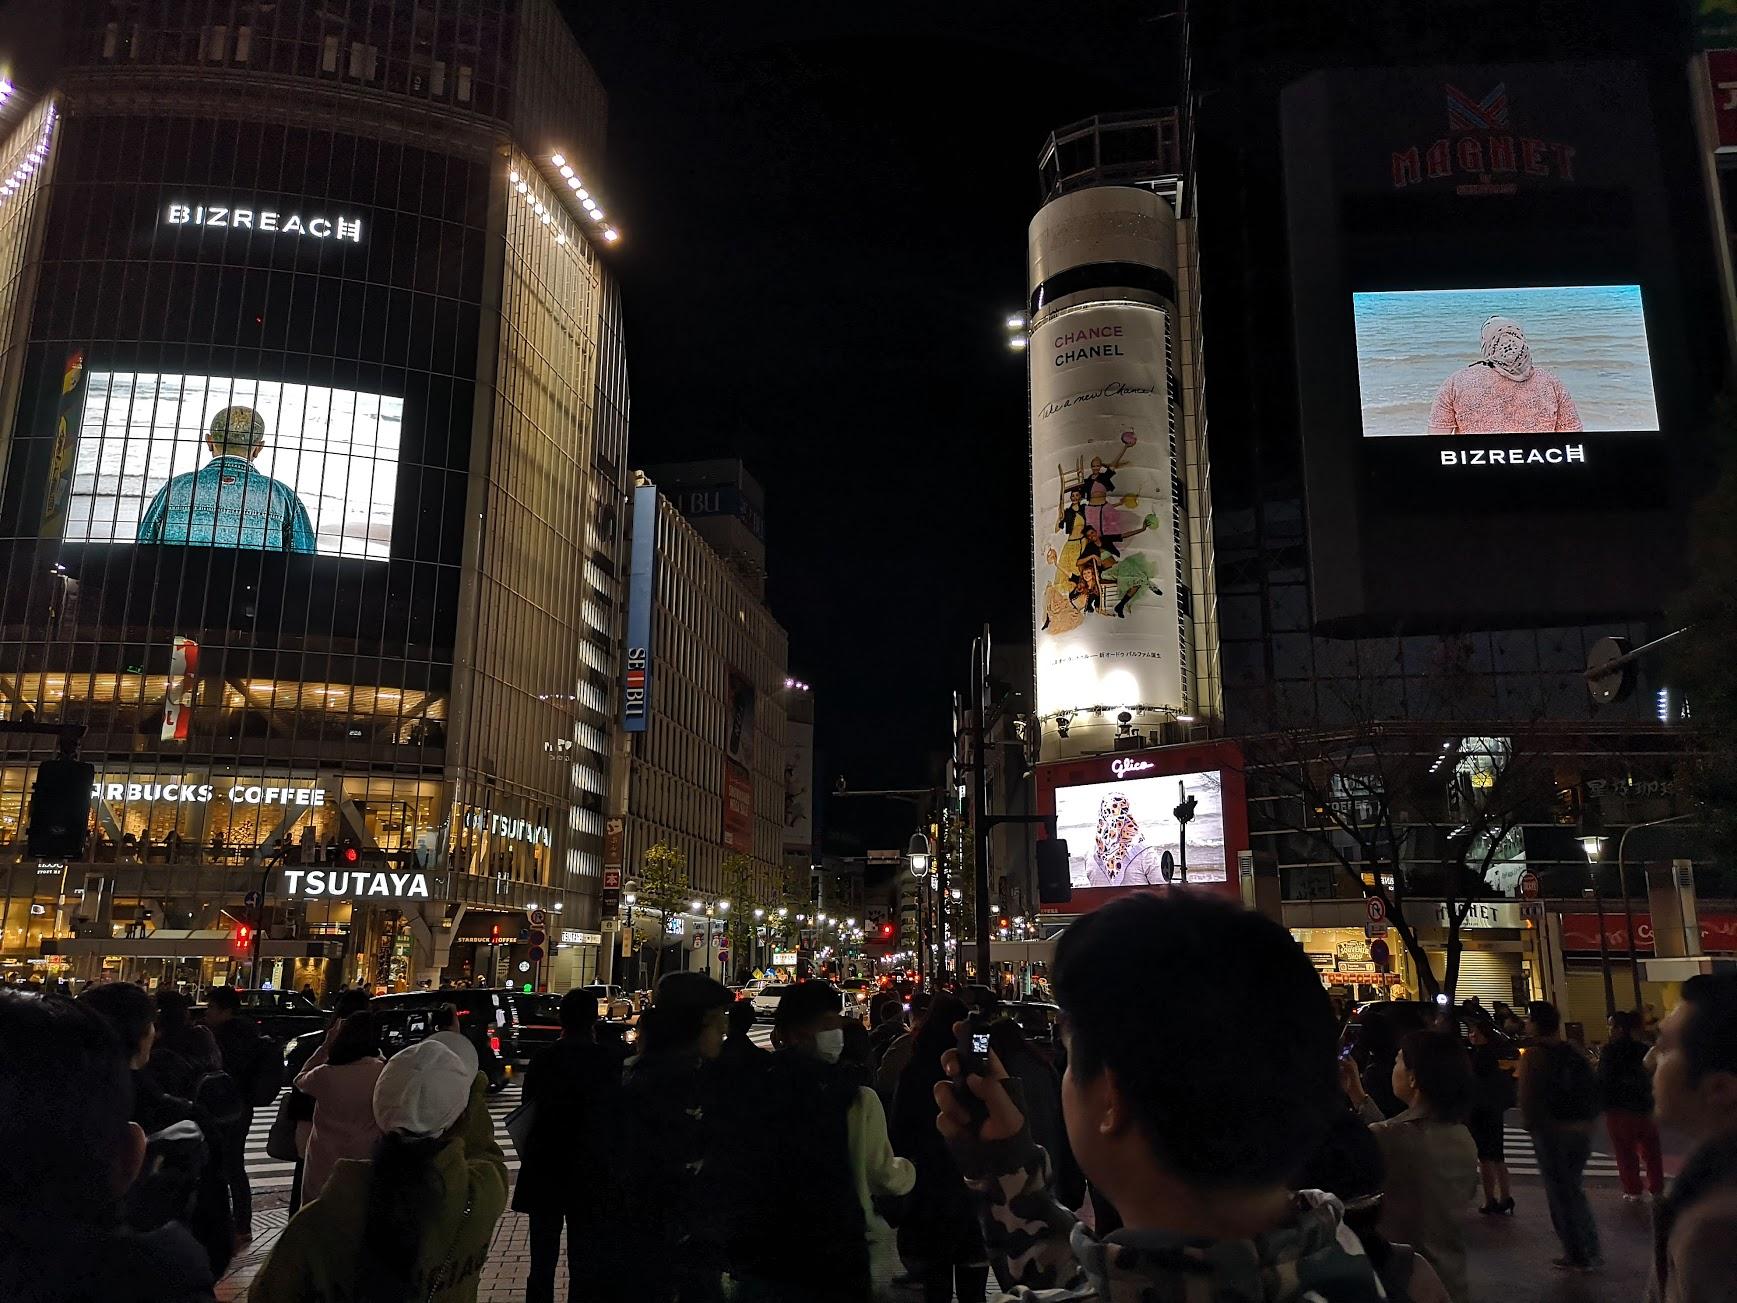 渋谷スクランブル交差点でソフィ・カルの4画面ジャックインスタレーションを鑑賞